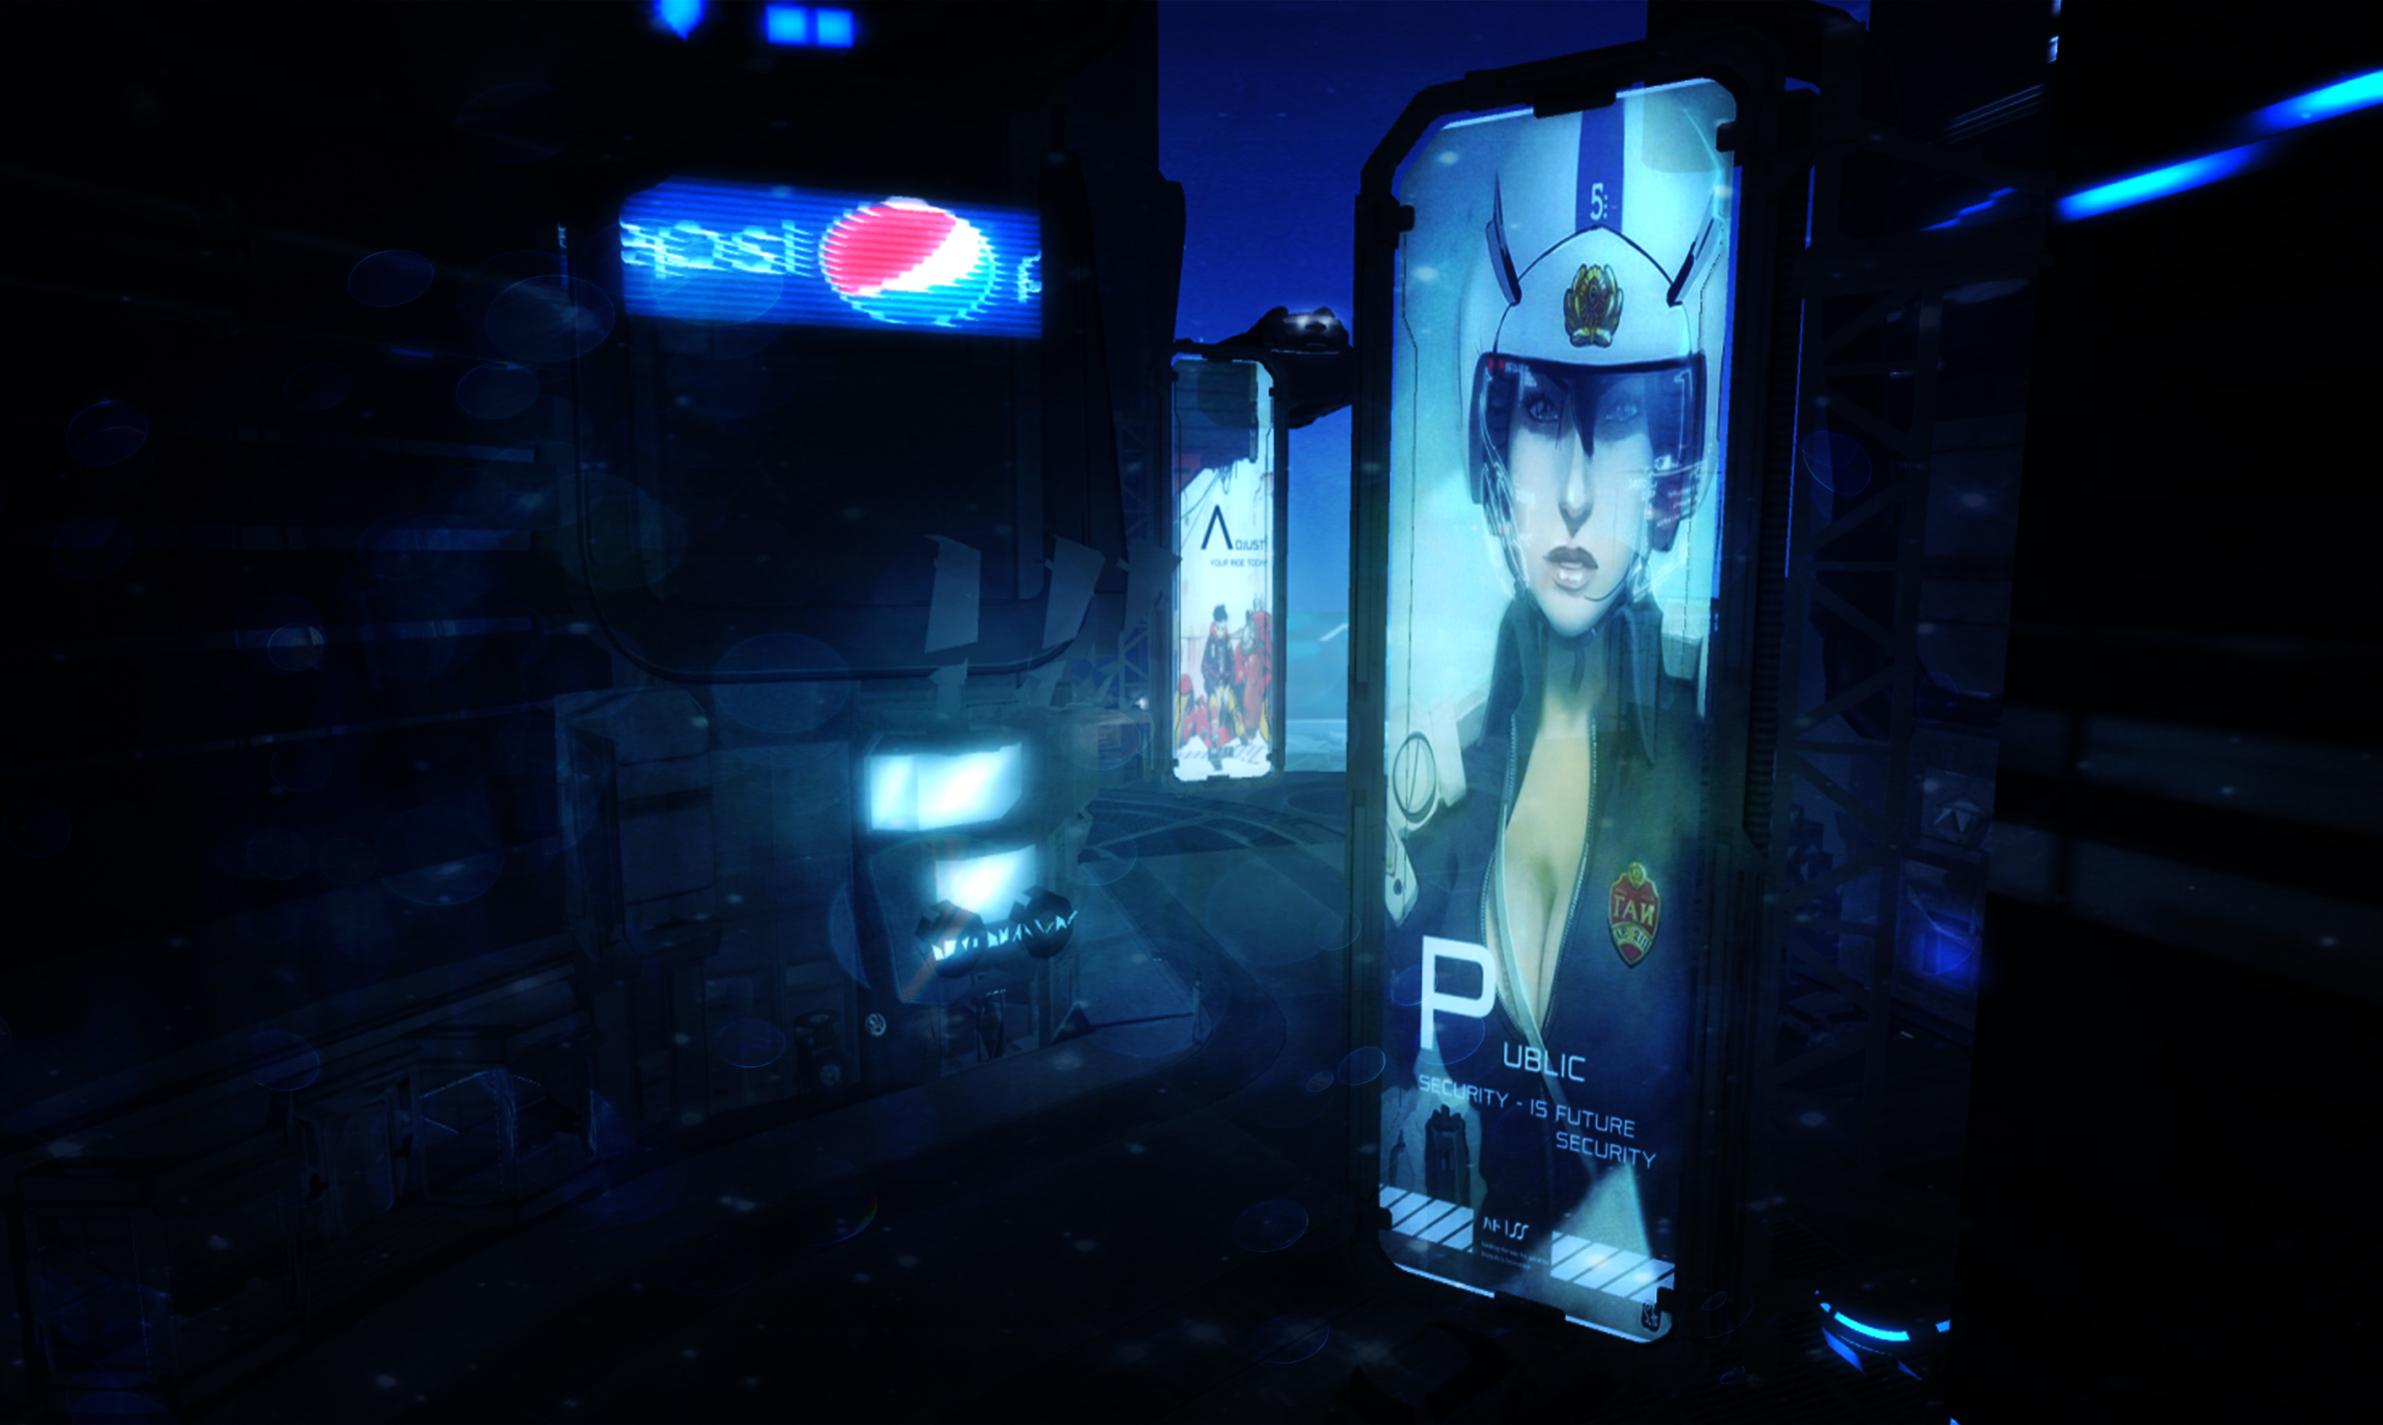 デスクトップ壁紙 シティ サイバーパンク ネオン ロボット 技術 サイボーグ ジェミニ 真夜中 イベント エンターテインメント サイバネティクス 光 点灯 闇 Sl アンドロイド セカンドライフ アバター ロールプレイ インシリコ 表示装置 腹腔内投与